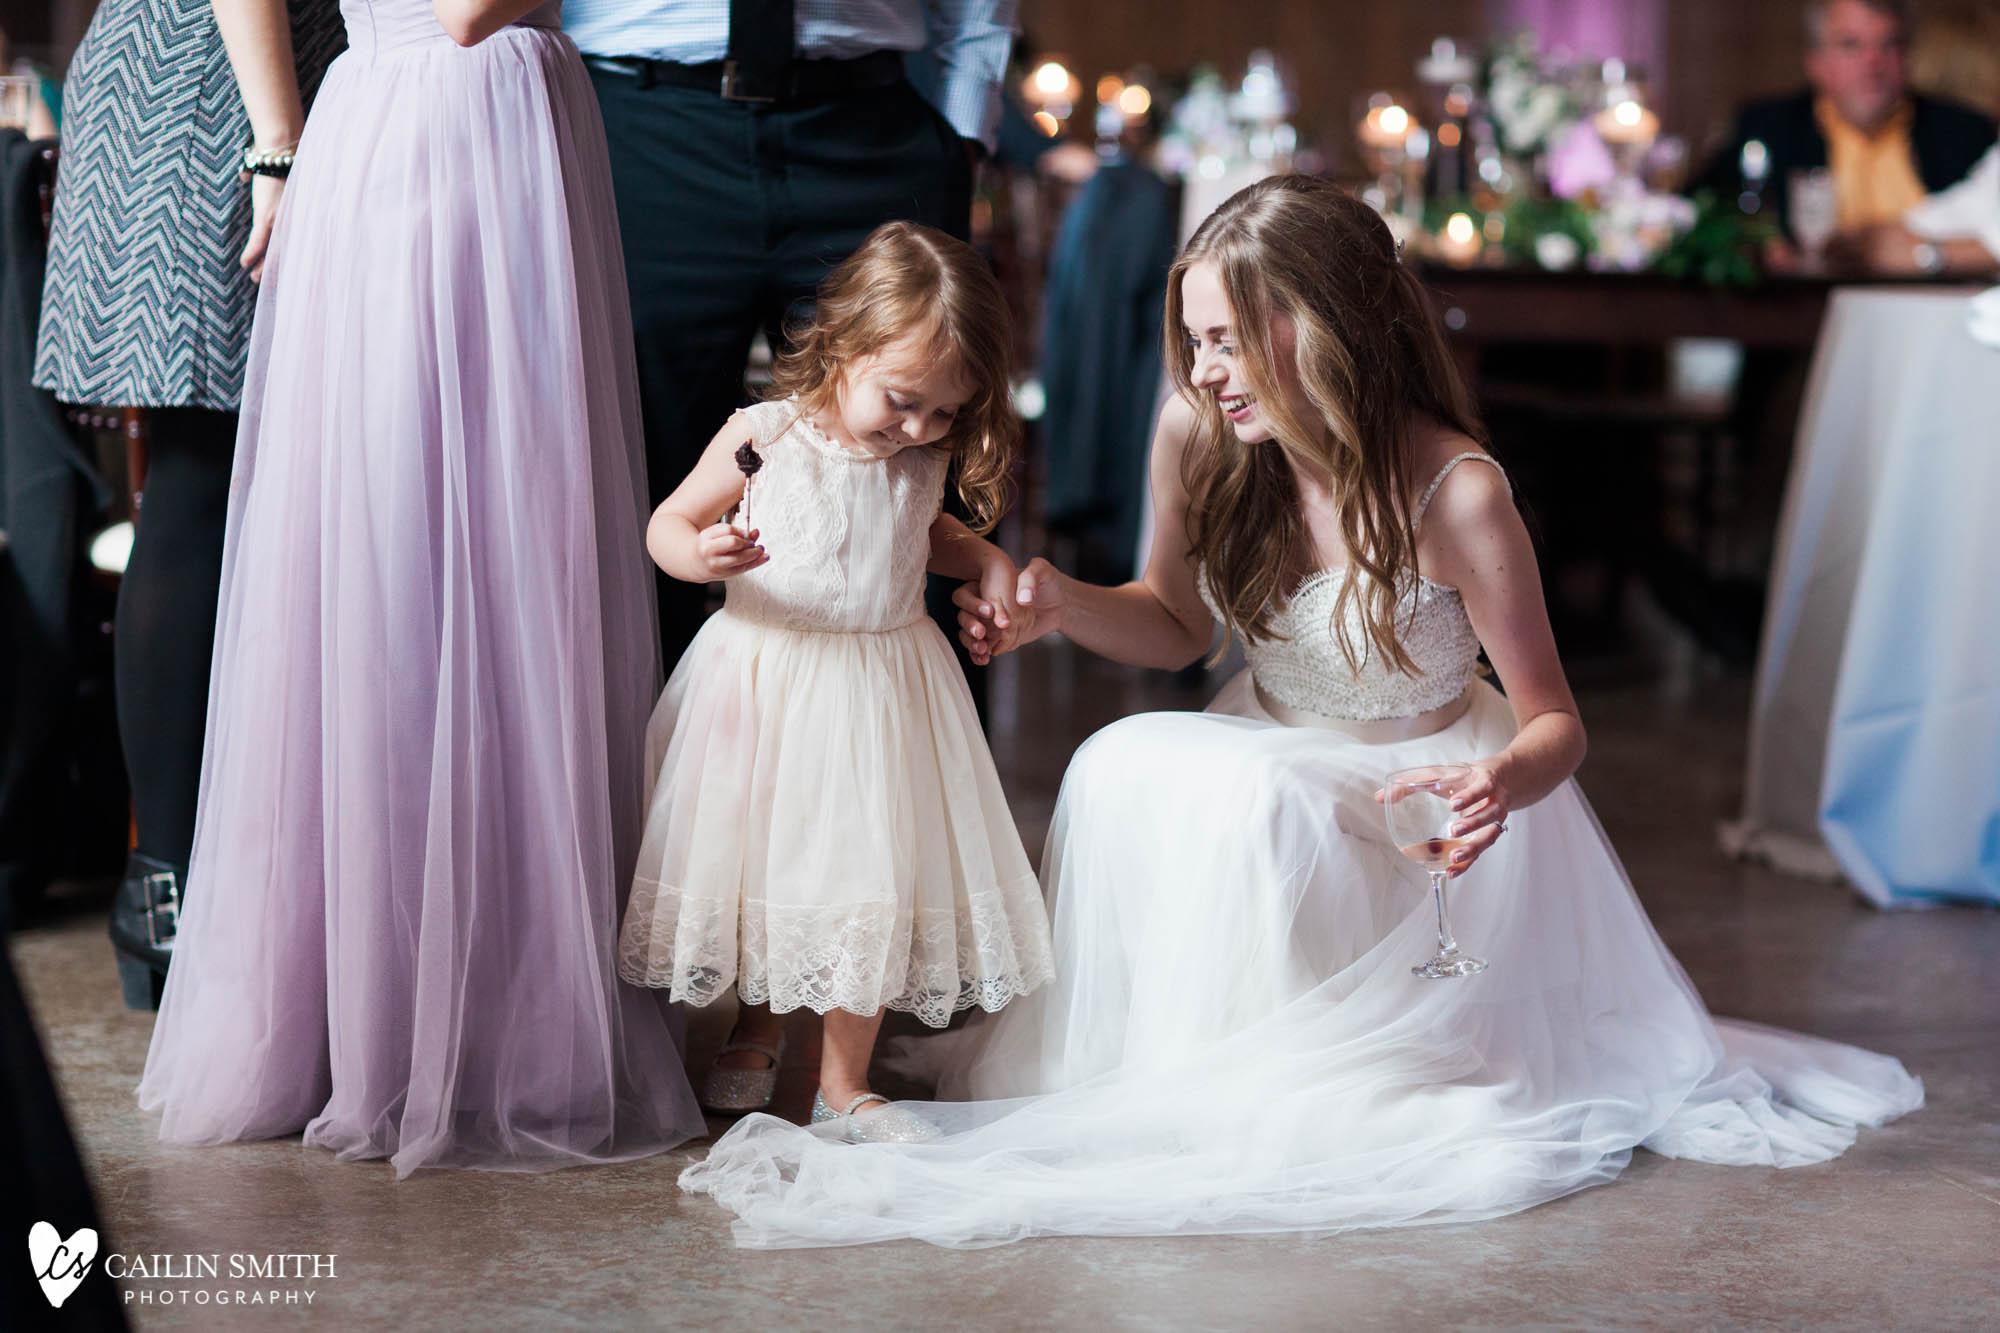 Sylvia_Anthony_Bowing_Oaks_Plantation_Wedding_Photography_0123.jpg